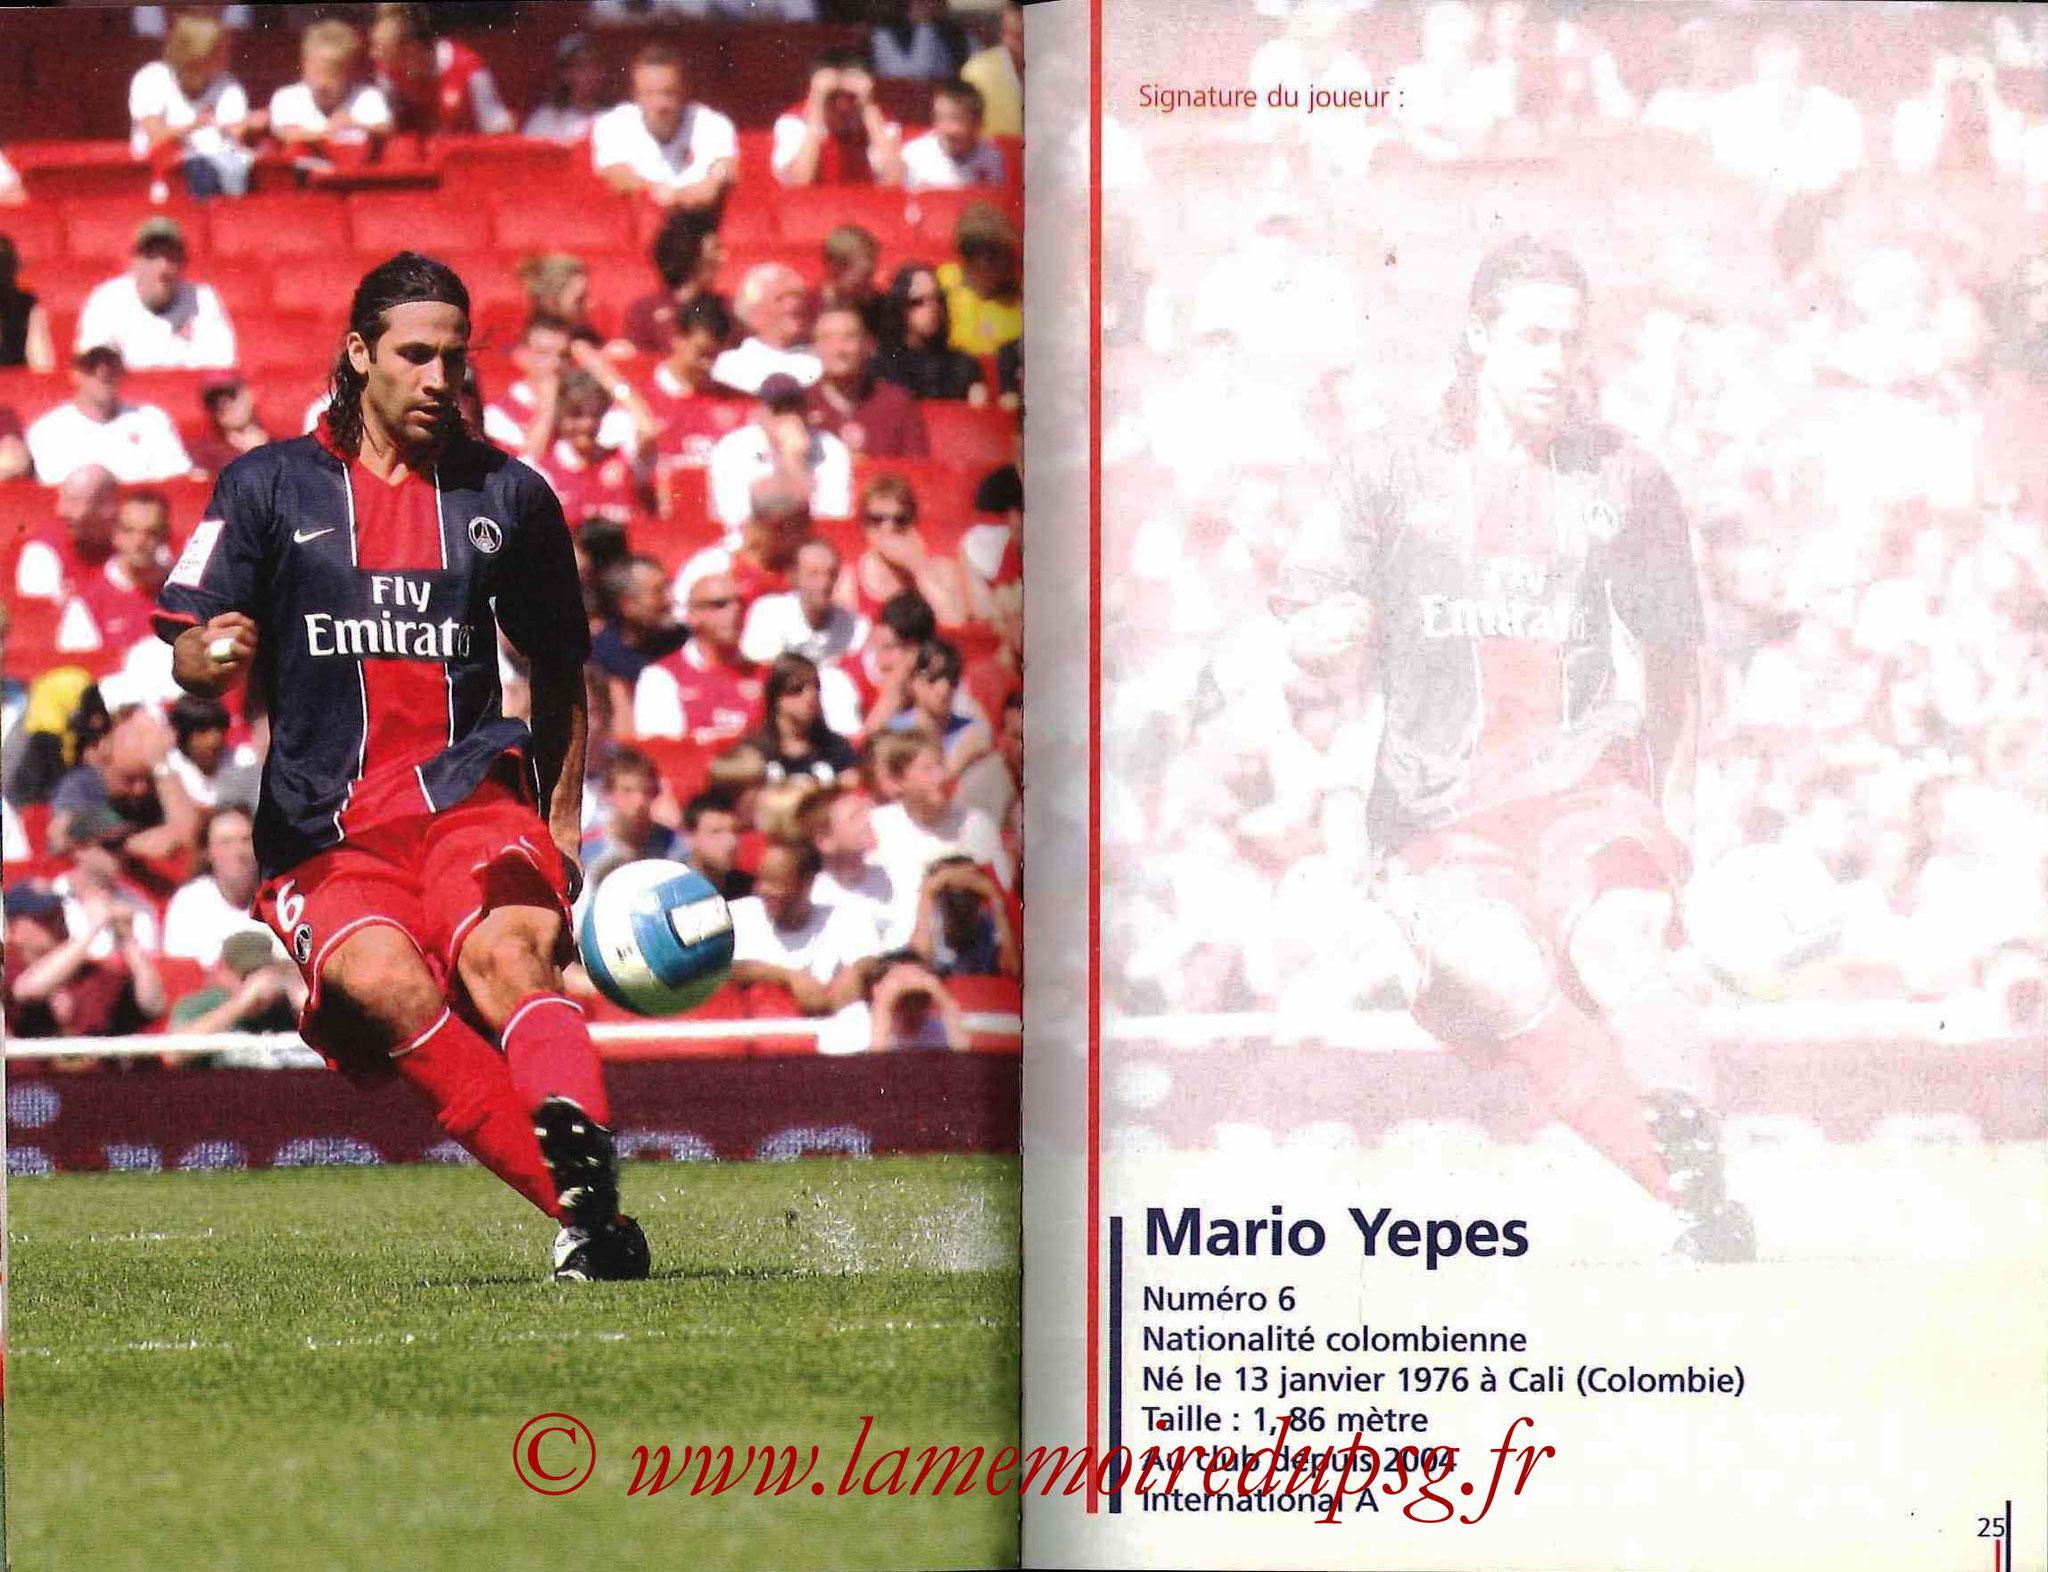 2007-08 - Guide de la Saison PSG - Pages 24 et 25 - Mario YEPES